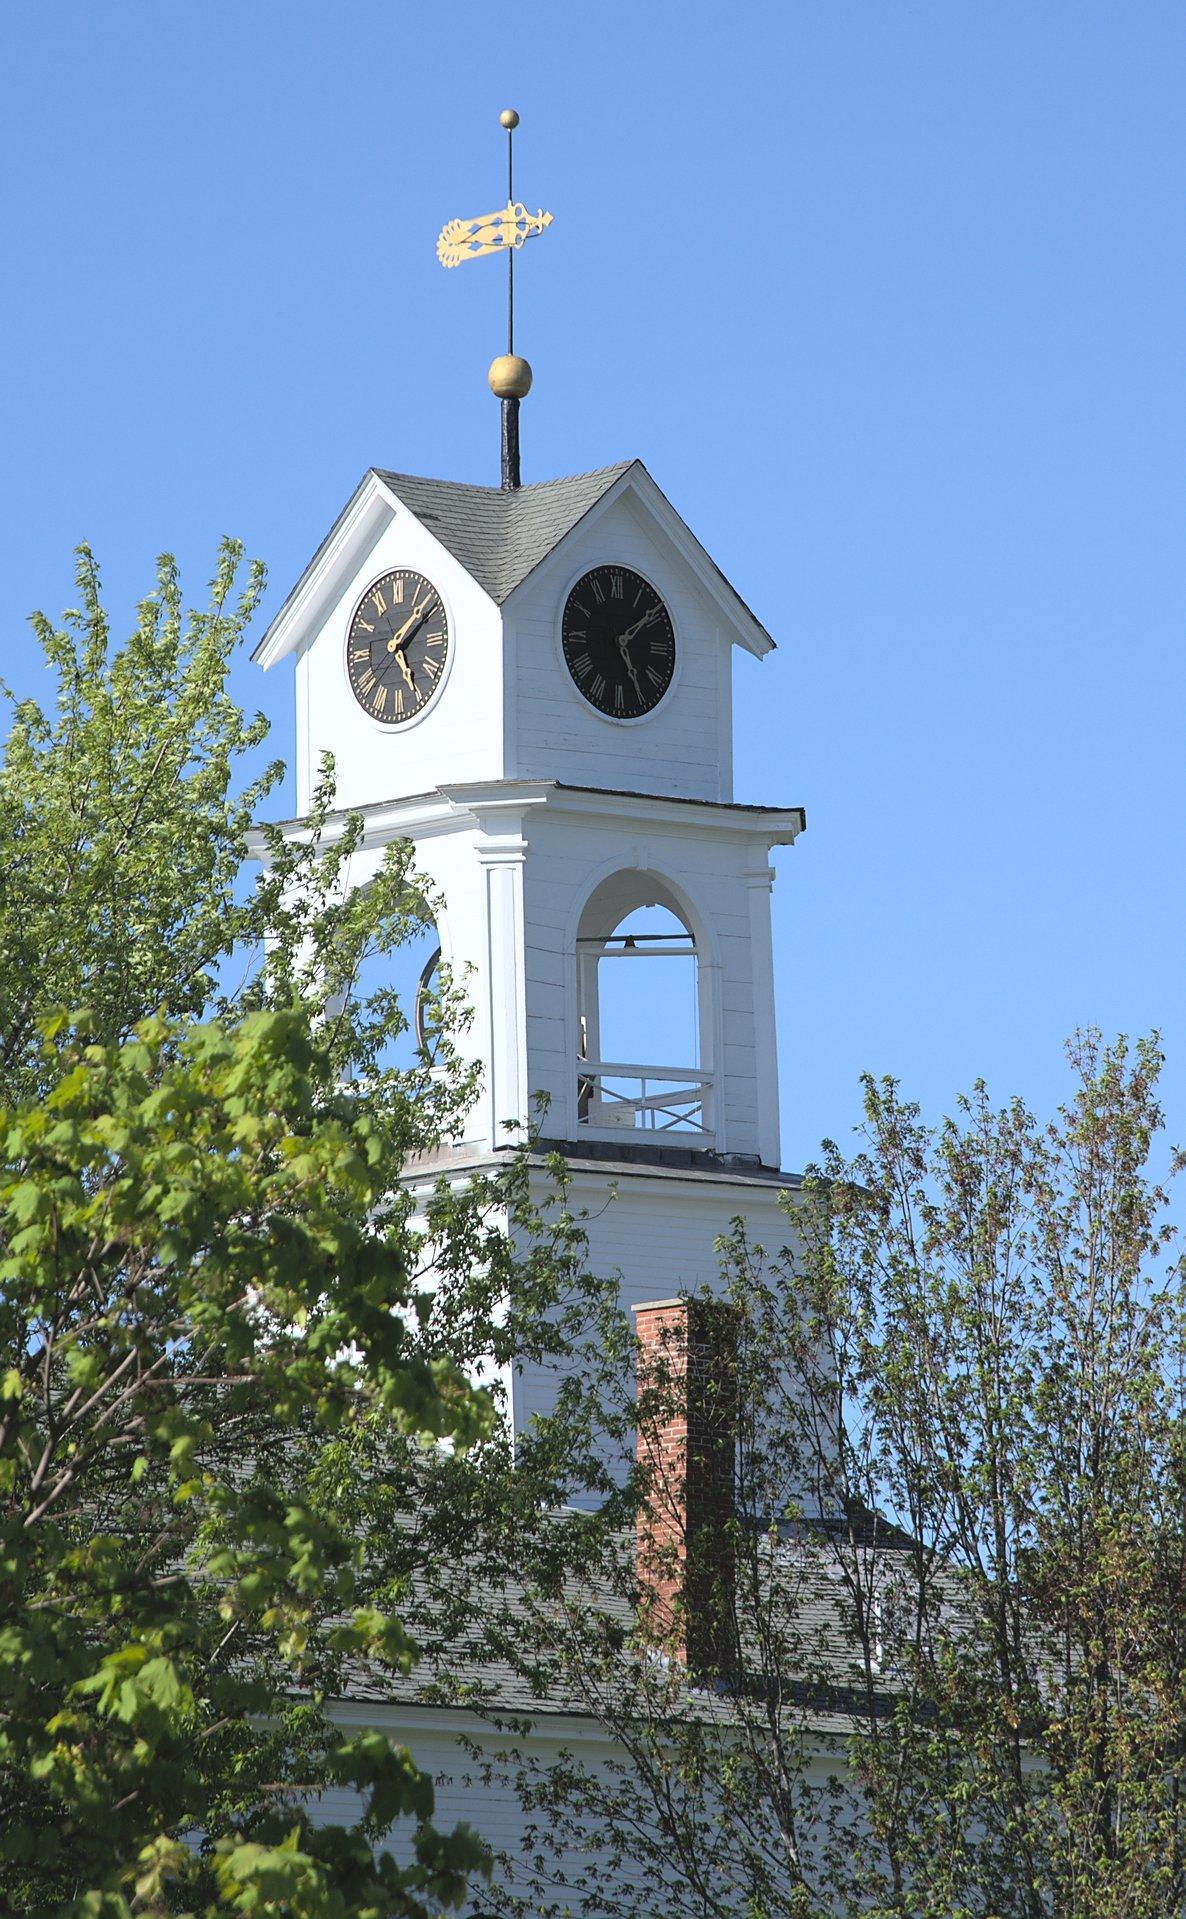 Paris Hill Baptist Church